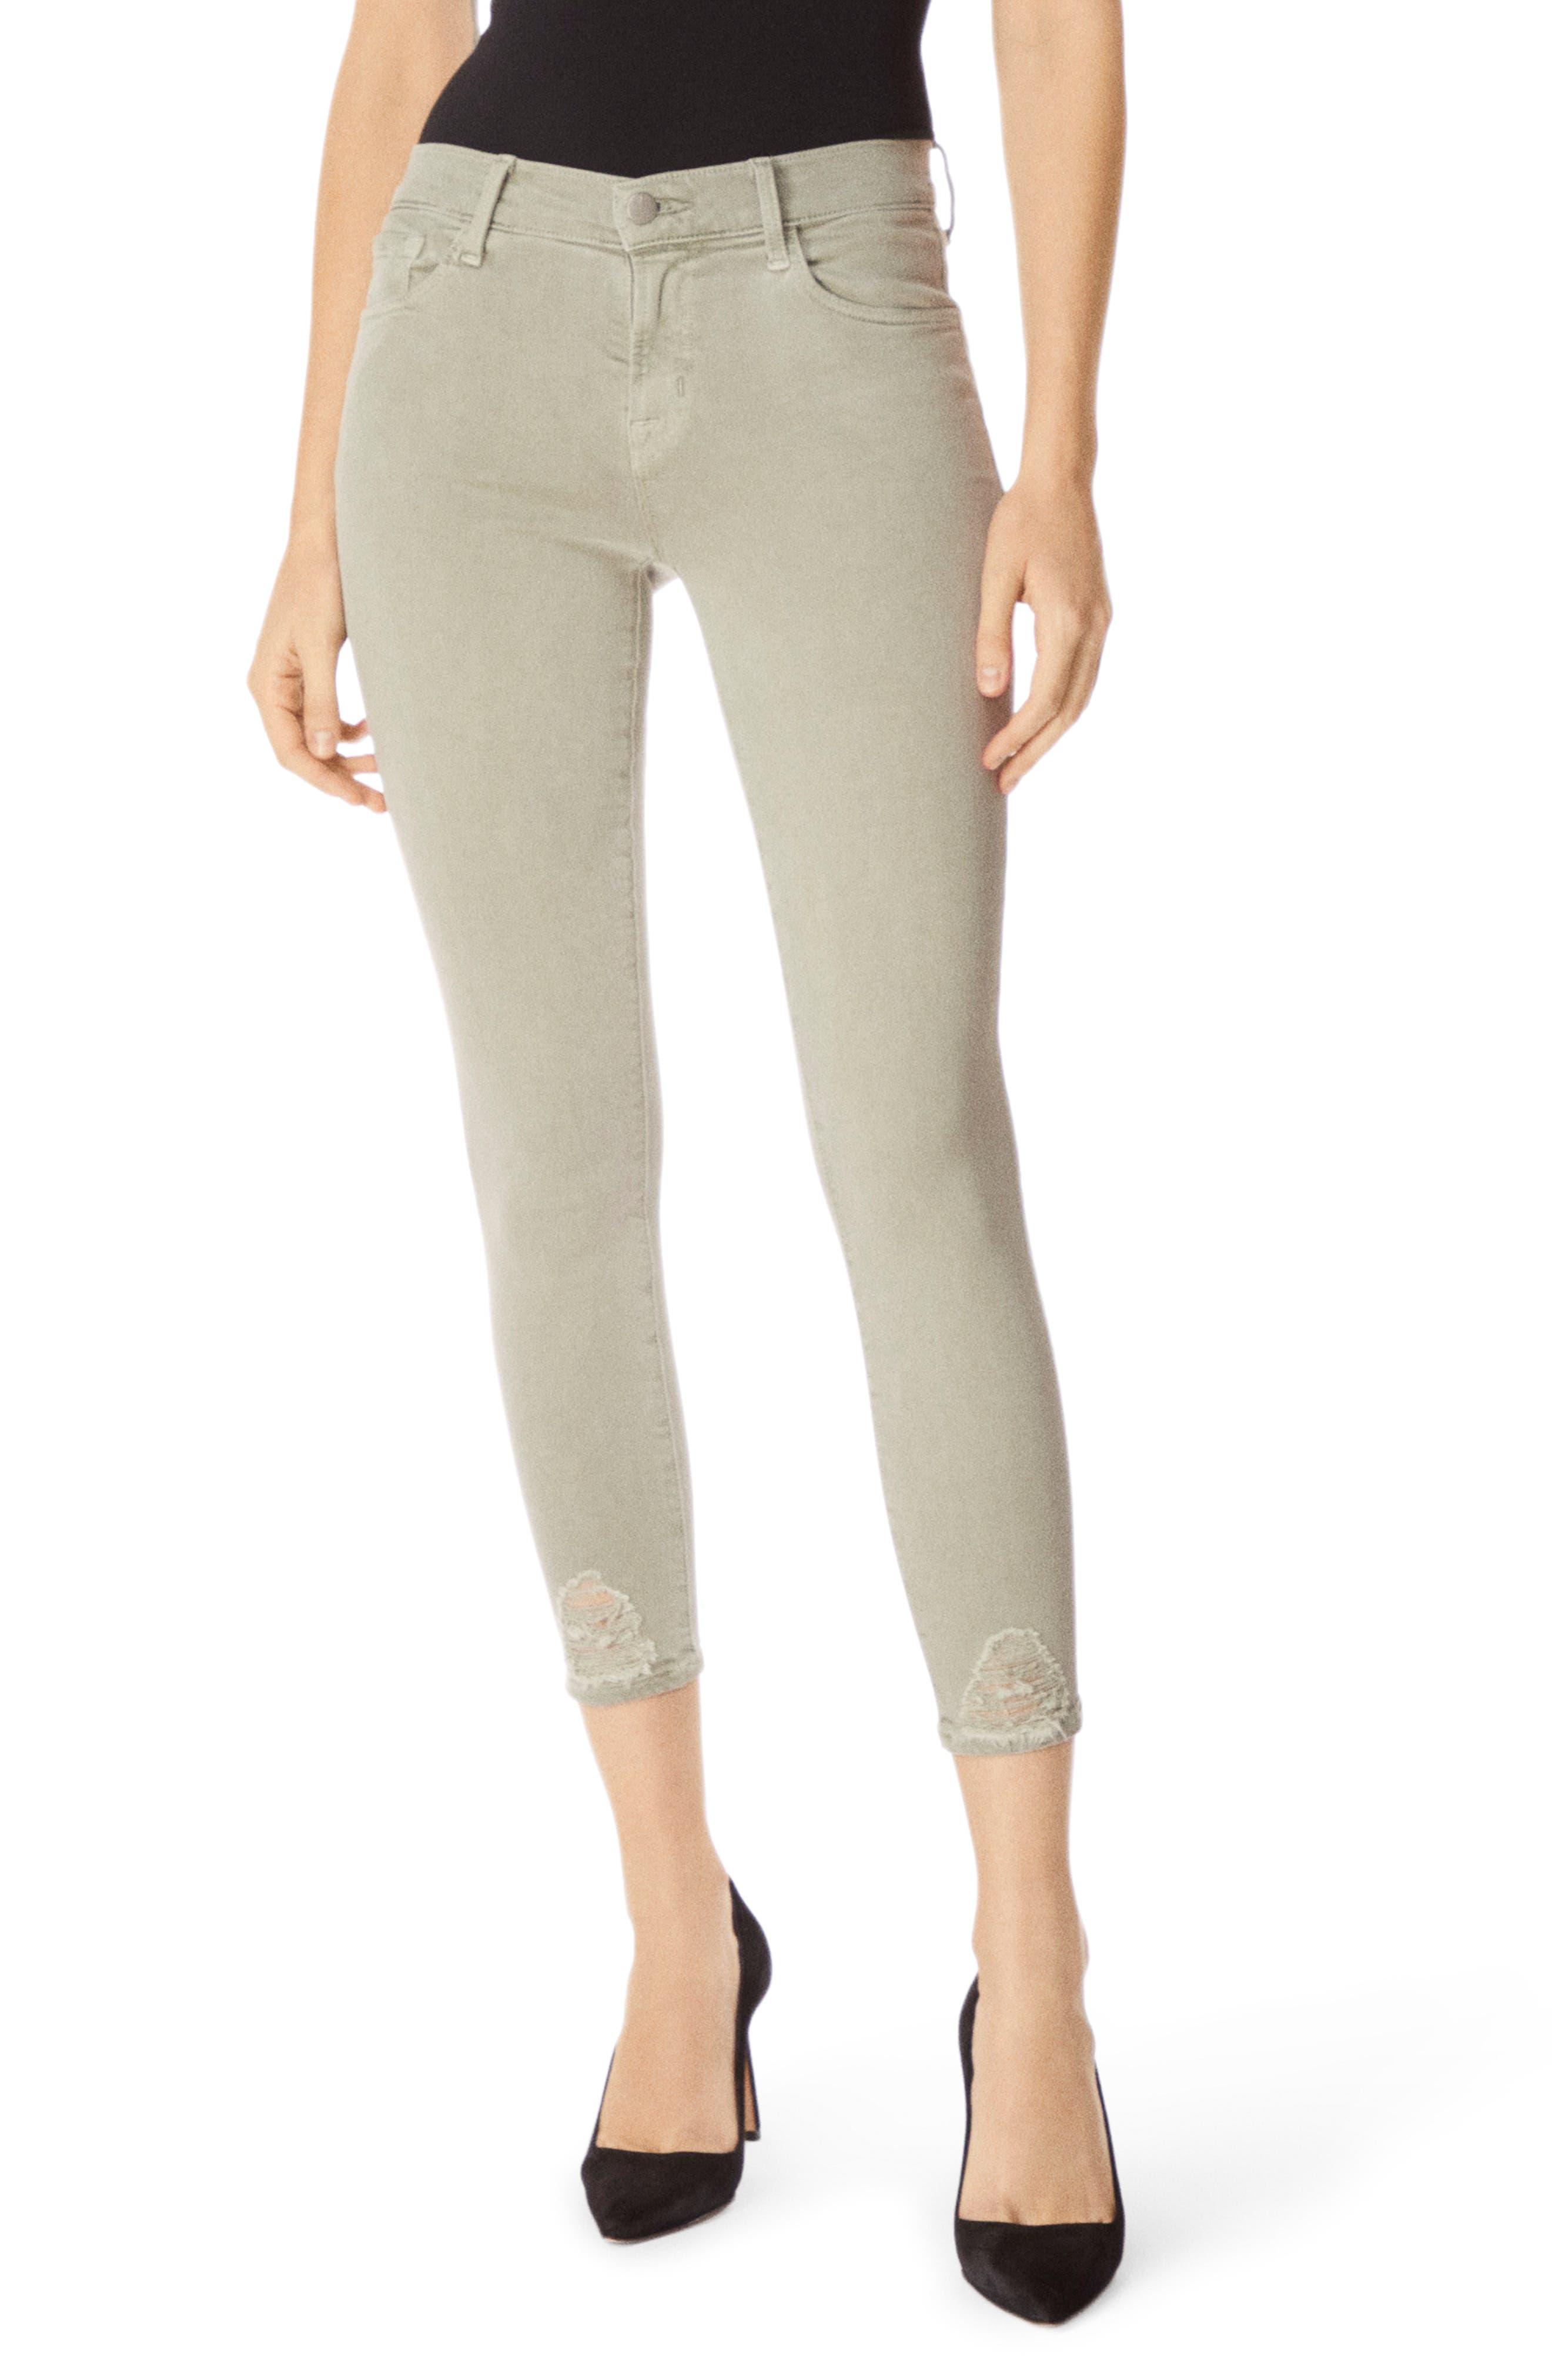 J Brand 835 Capri Skinny Jeans, Grey